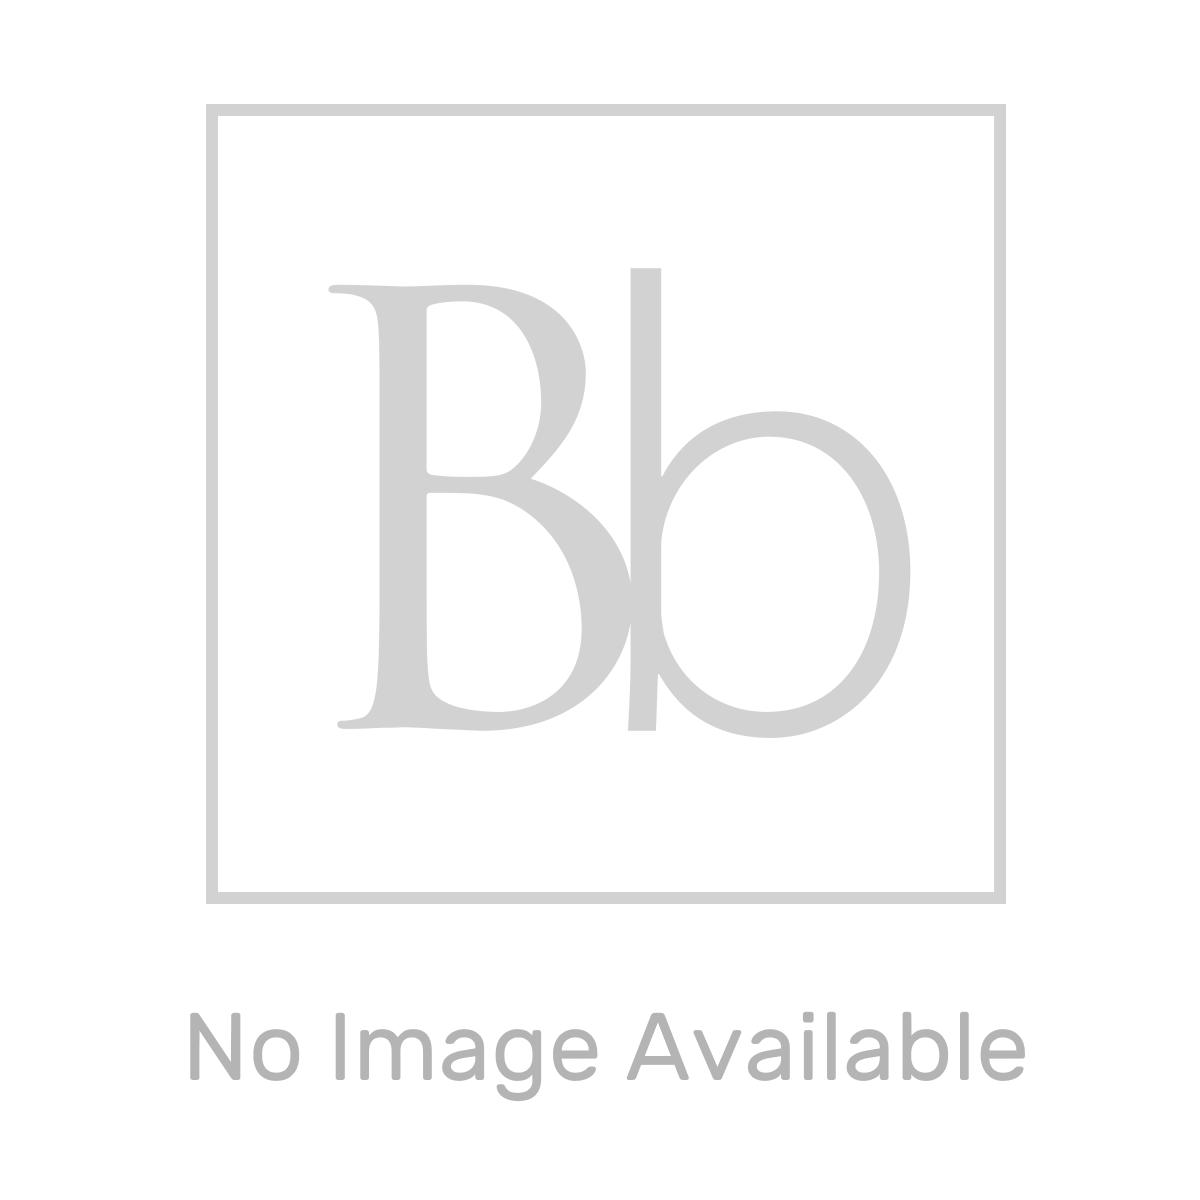 Premier Slimline Rectangular Walk In Shower Tray 1700 x 800mm Lifestyle